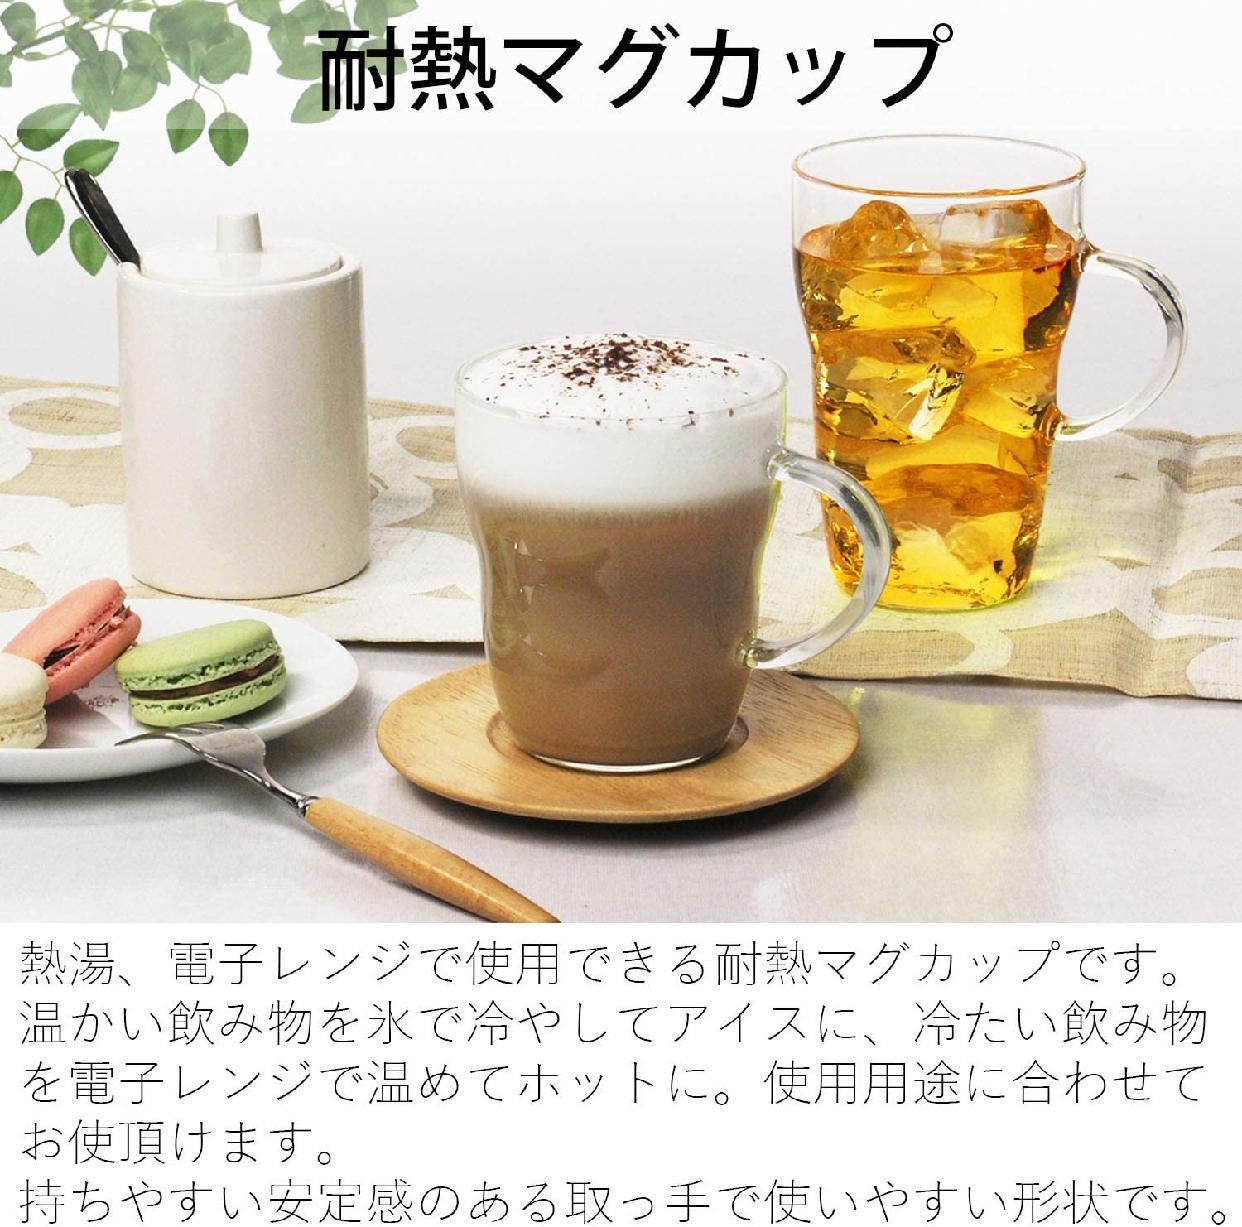 東洋佐々木ガラス 耐熱マグカップの商品画像4